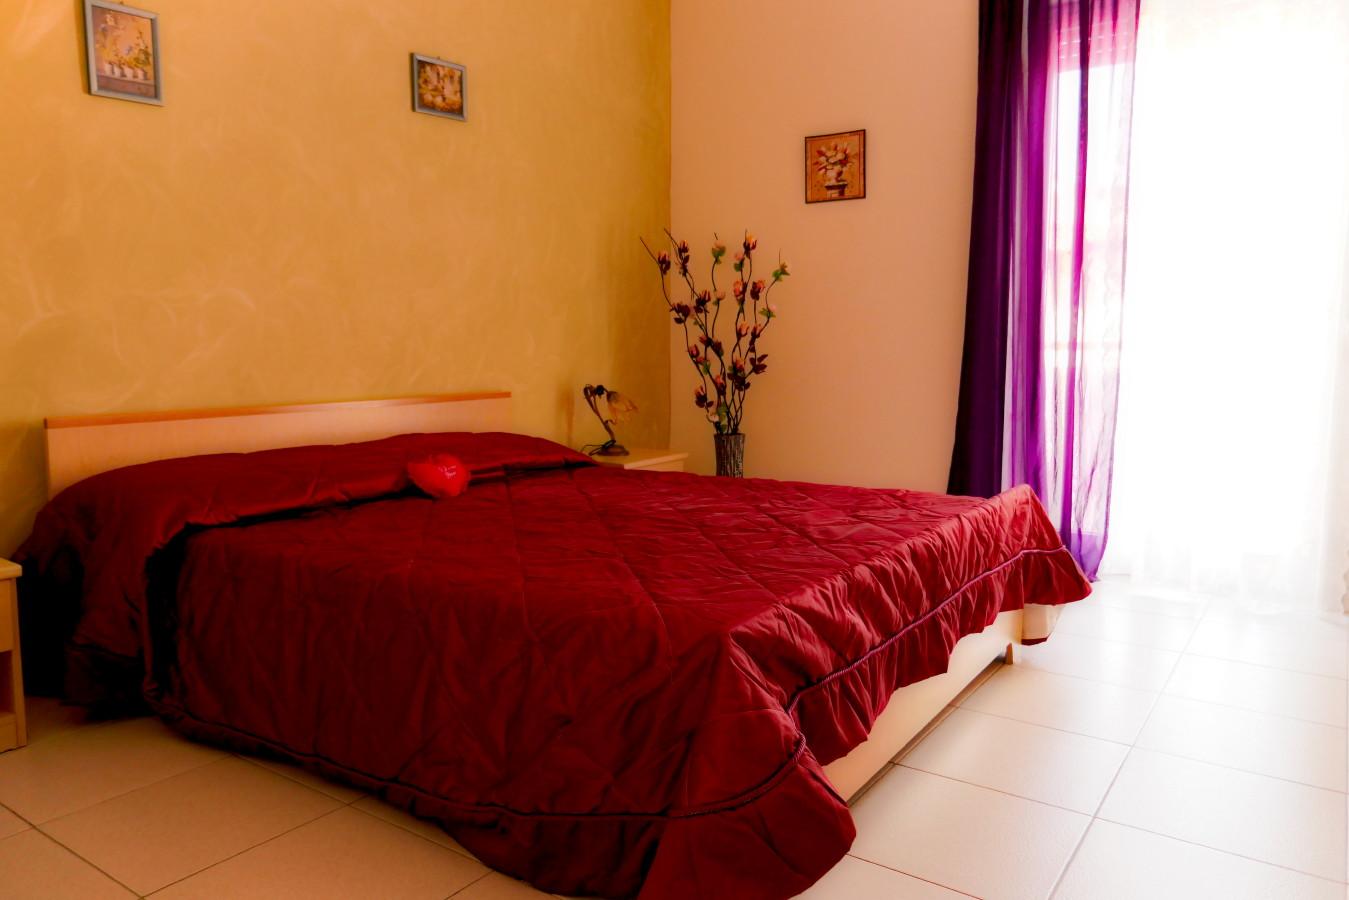 Schlafzimmer in warmen sommerlichen Tönen.